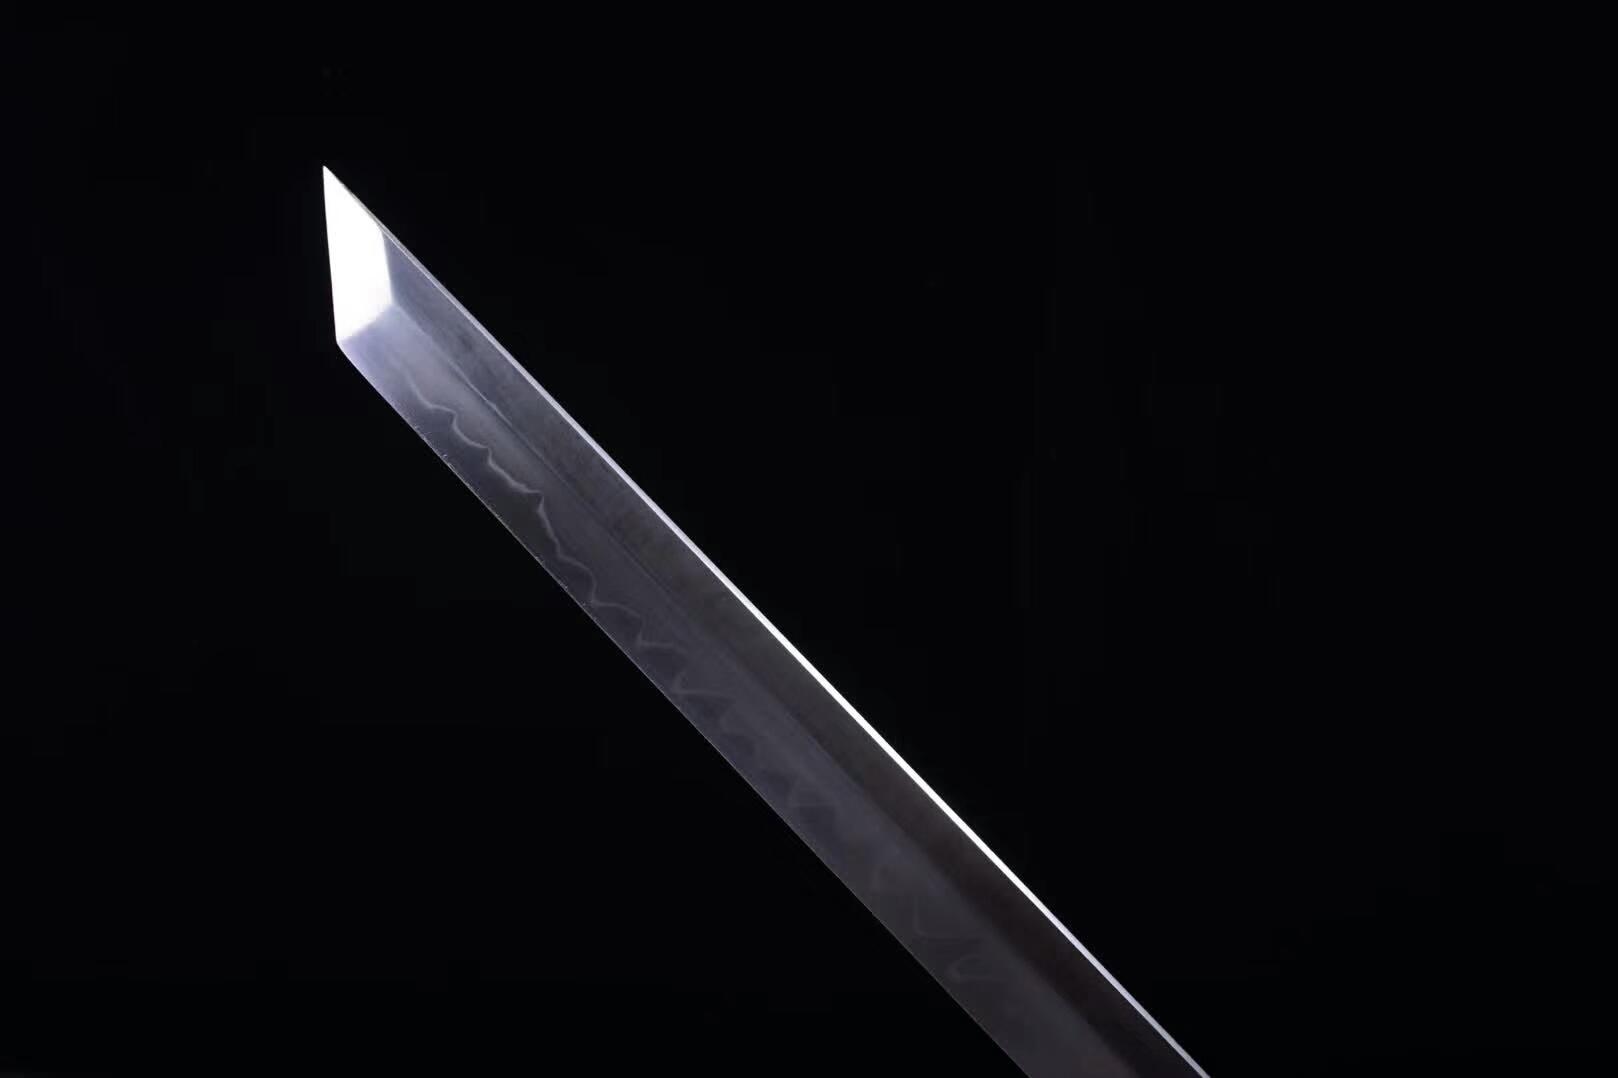 唐刀,宽刃唐刀,烧刃唐刀图片